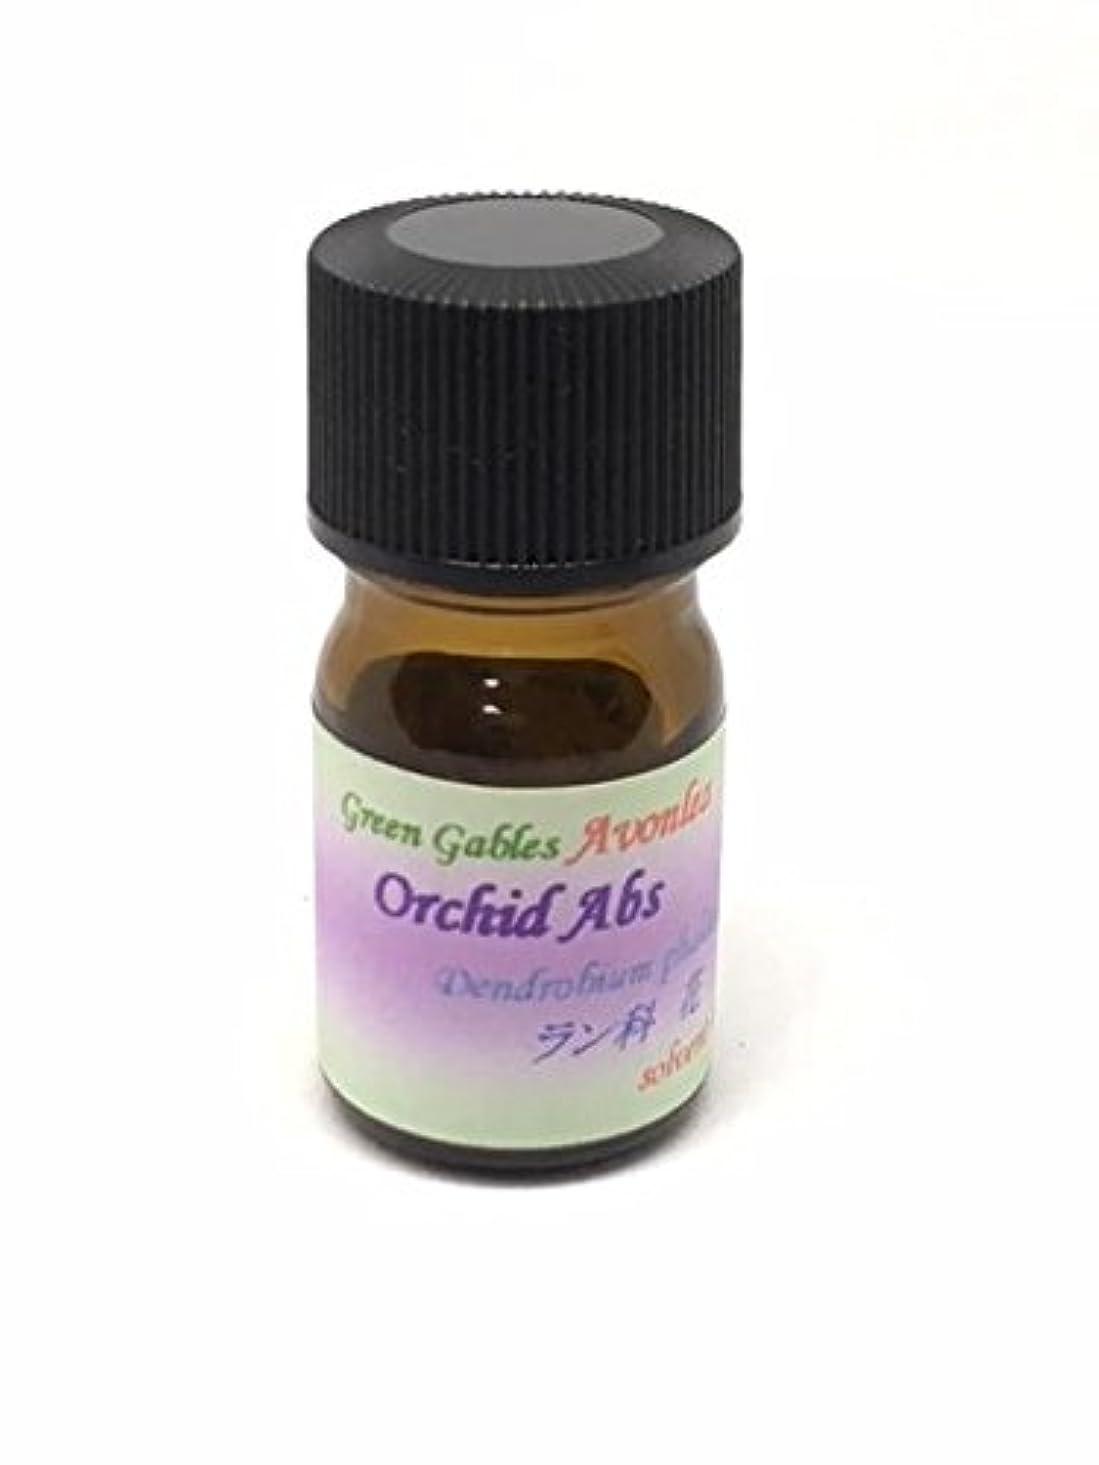 大いに酔うモス令和の花香るオーキッドAbs100%ピュアエッセンシャルオイル 蘭花の精油 OrchidAbs (10ml)